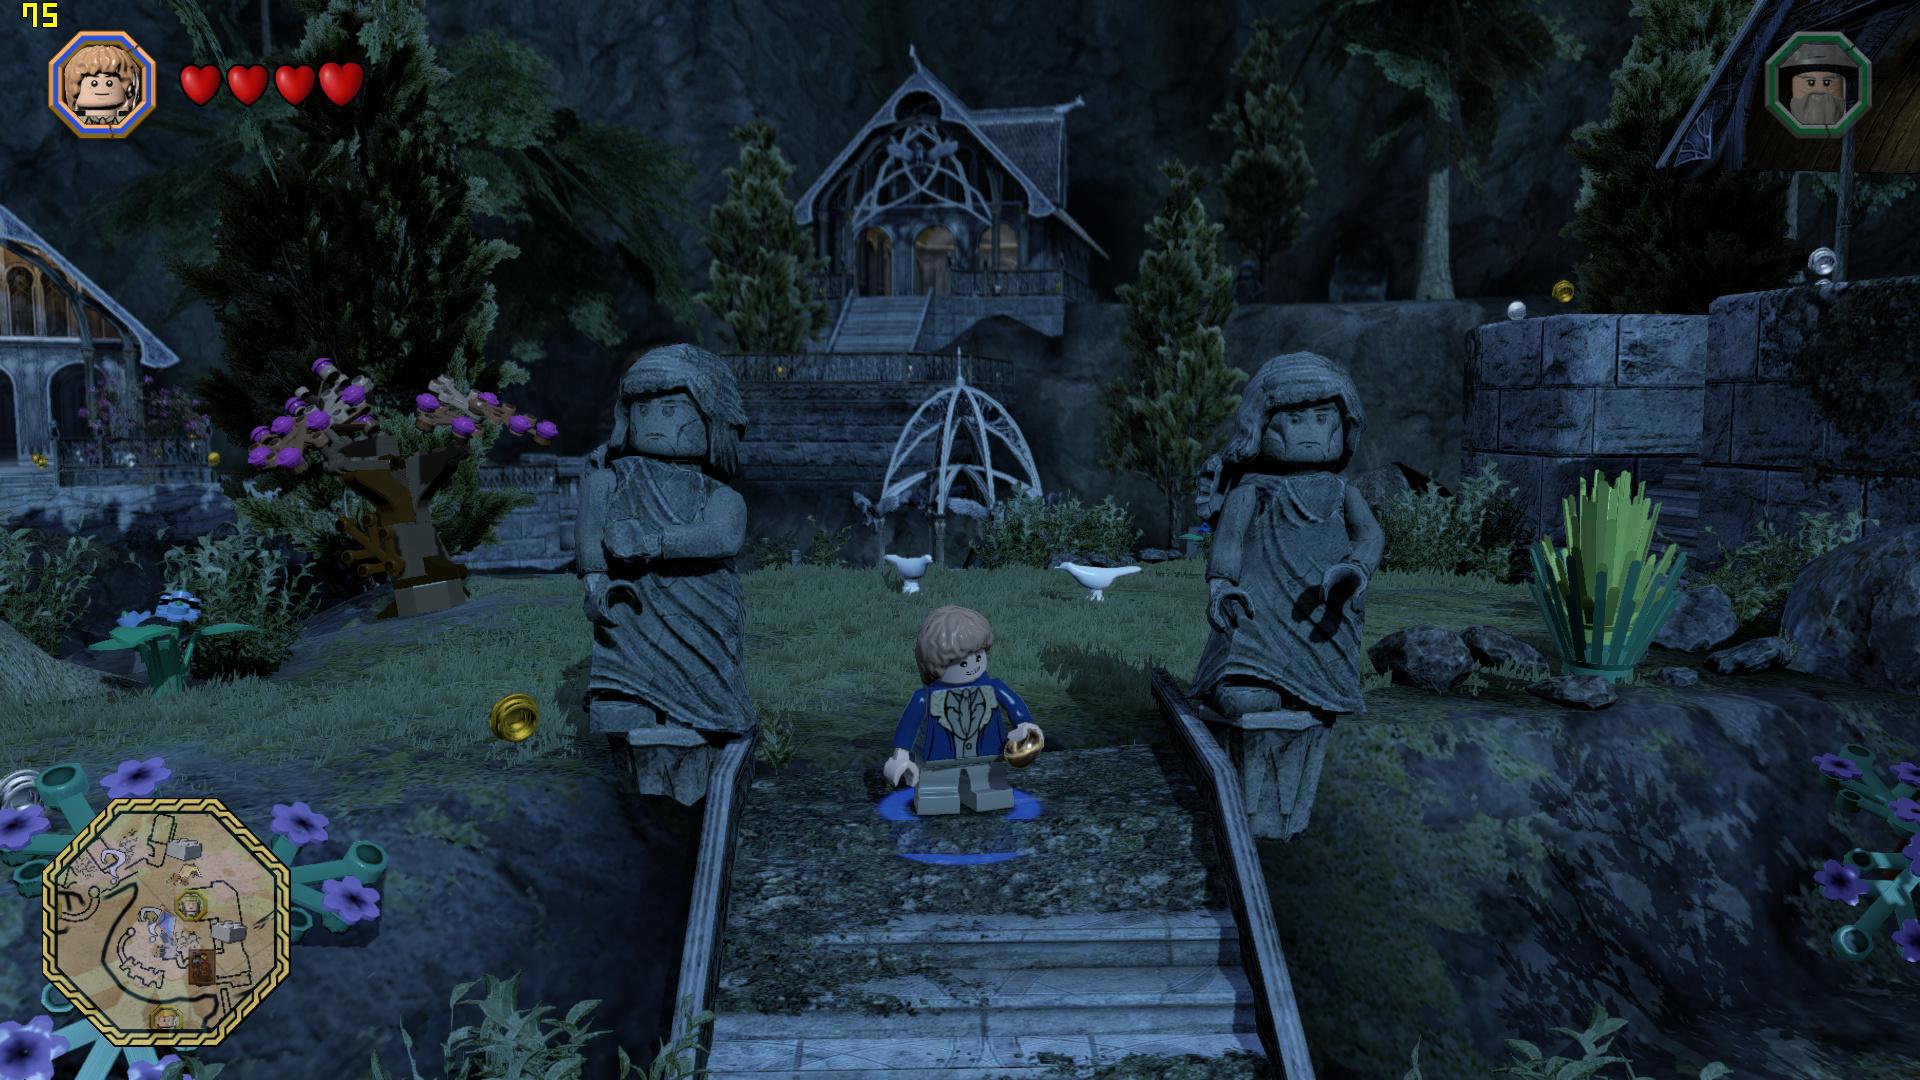 Mini-PC Skull Canyon im Test: Totenkopf-NUC mal nicht von ihren Treibern ermordet - Lego The Hobbit in 1080p auf dem Skull Canyon (Screenshot: Marc Sauter/Golem.de)